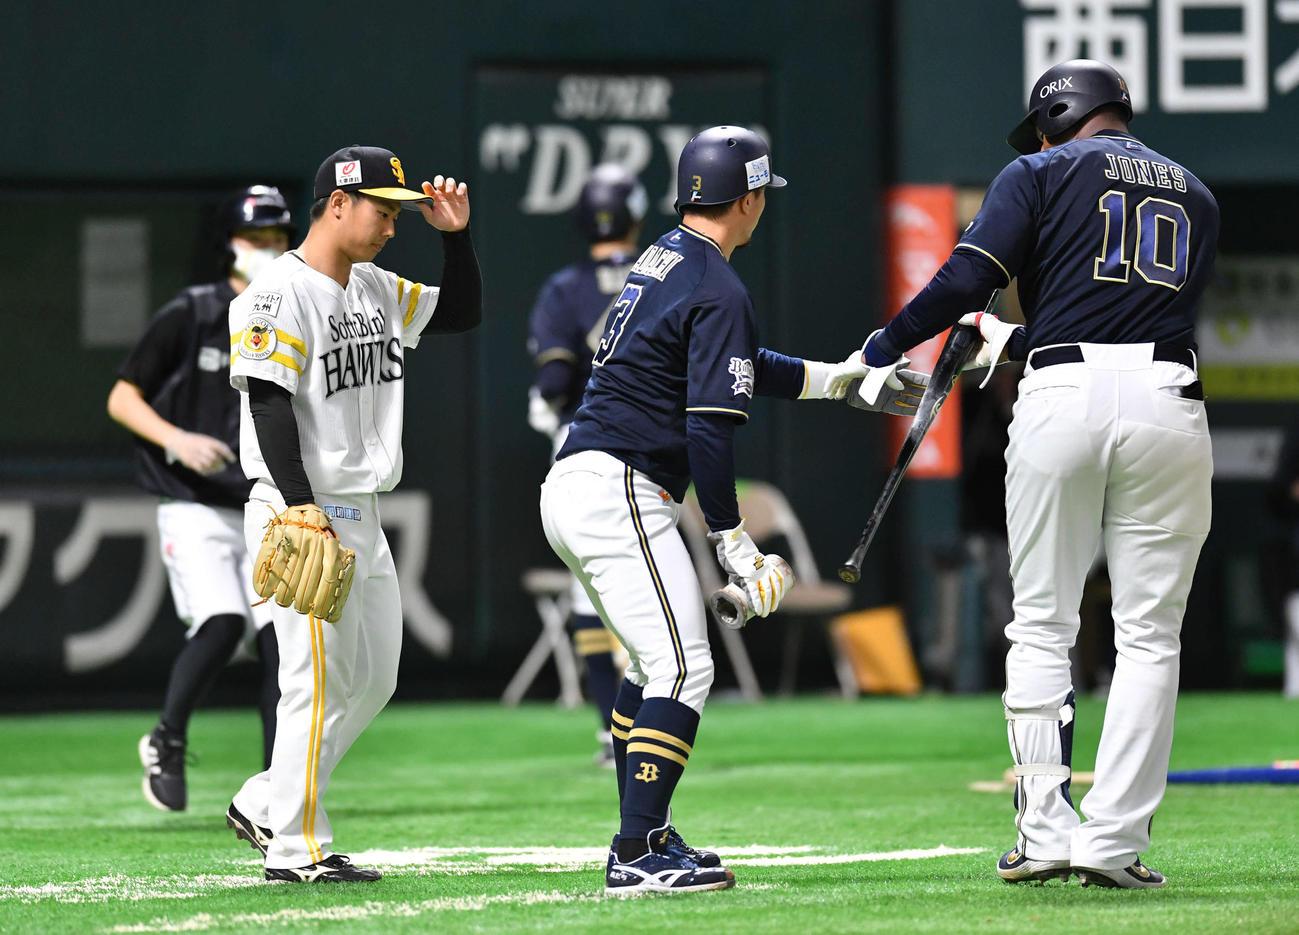 ソフトバンク対オリックス 9回表オリックス1死満塁、中川圭太に2点中適時二塁打を打たれ肩を落とす田浦文丸(左)、中央は安達了一、右はアダム・ジョーンズ(撮影・岩下翔太)